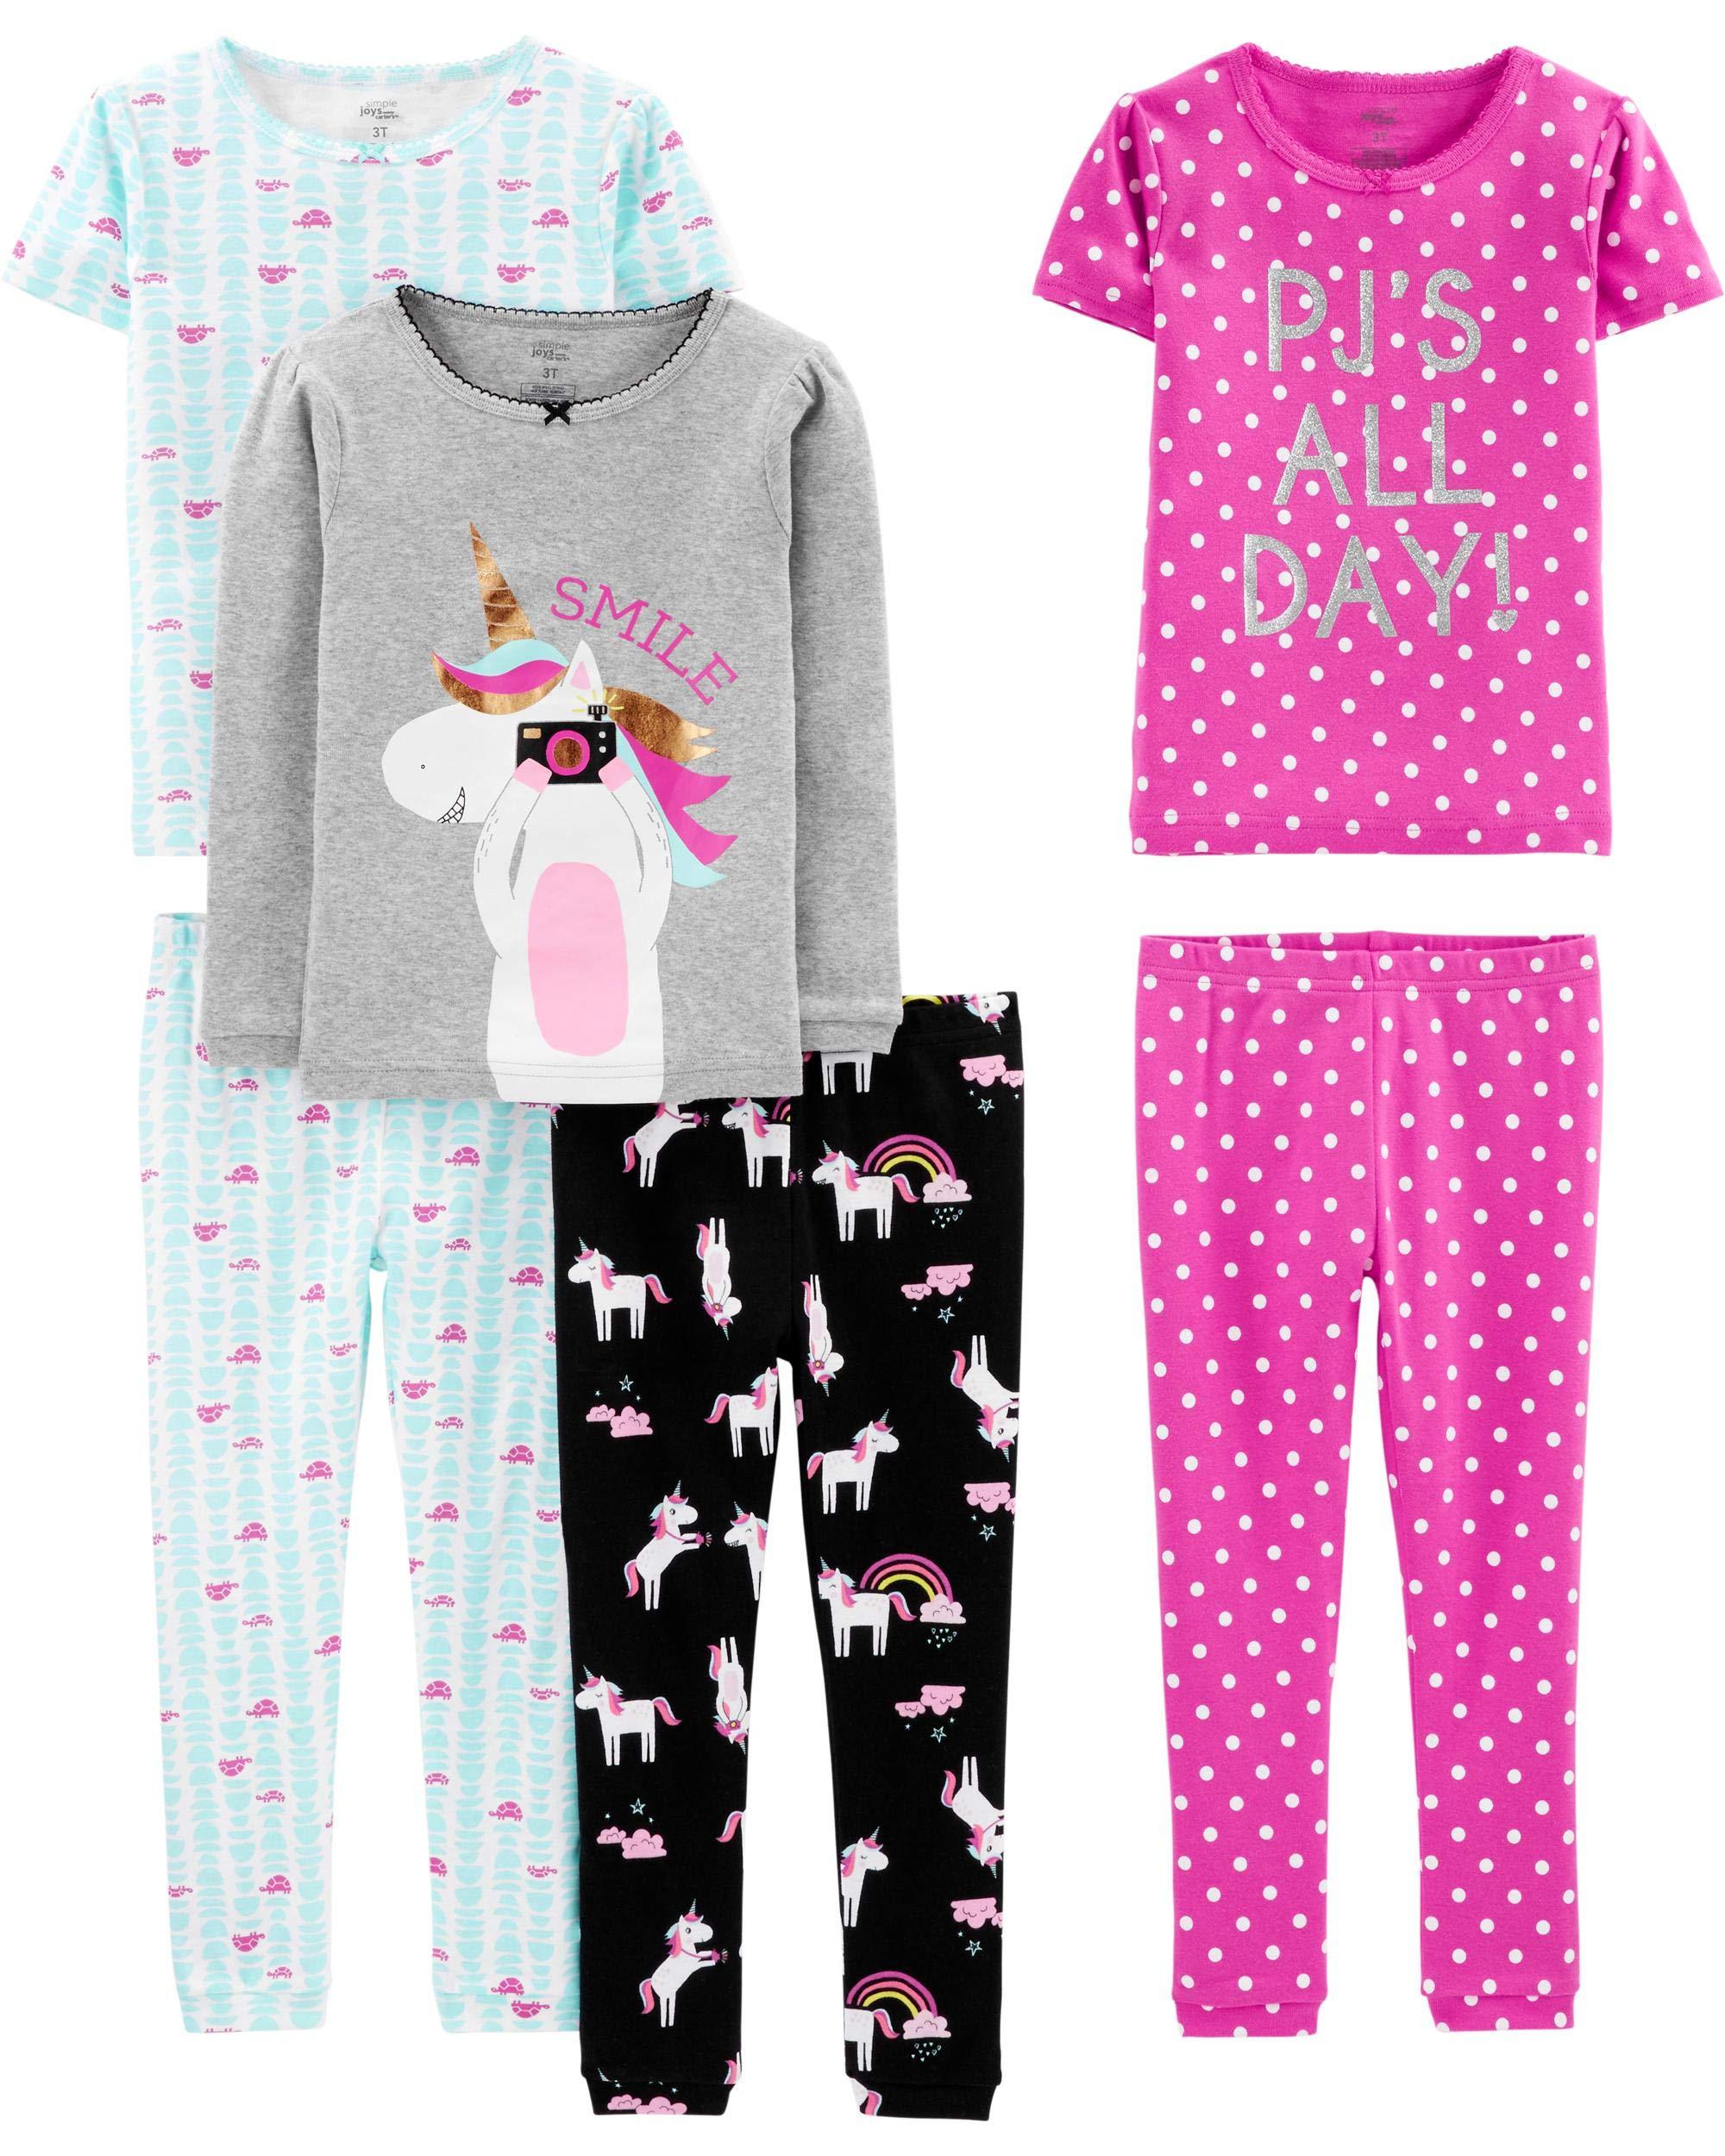 Simple Joys by Carter's - Pijamas enteros - Juego de pijama de algodón de ajuste cómodo de 6 piezas. - para bebé niña 1